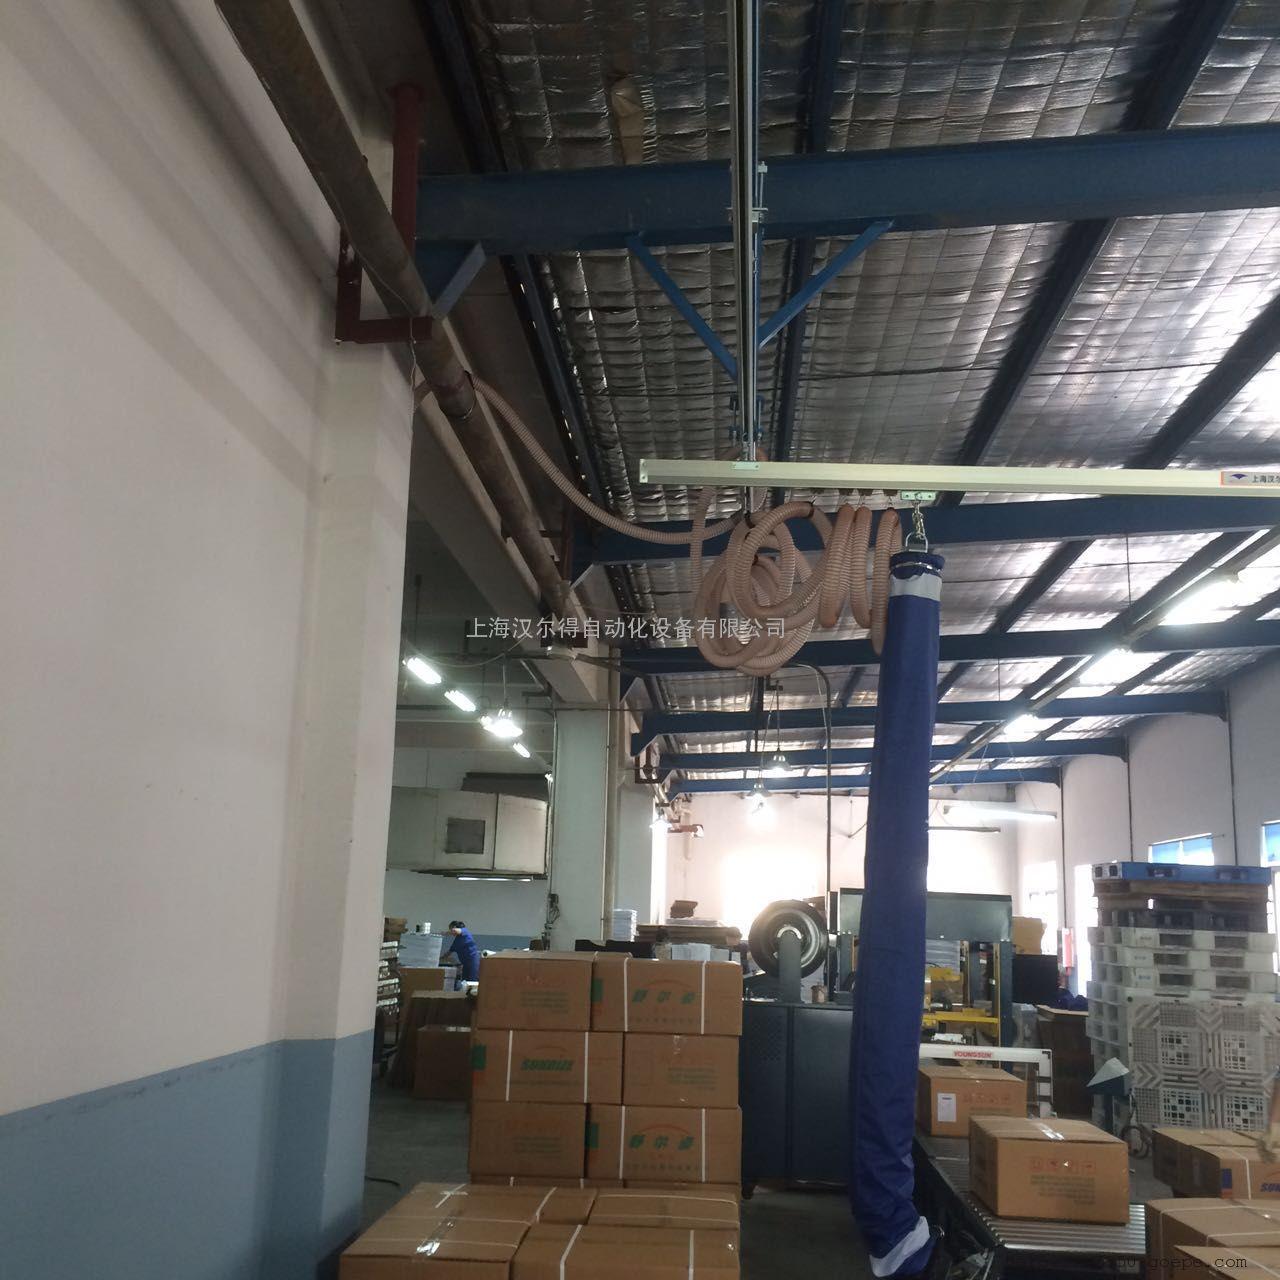 真空吸盘吸附纸箱、35kg纸箱搬运码垛吸盘吊具